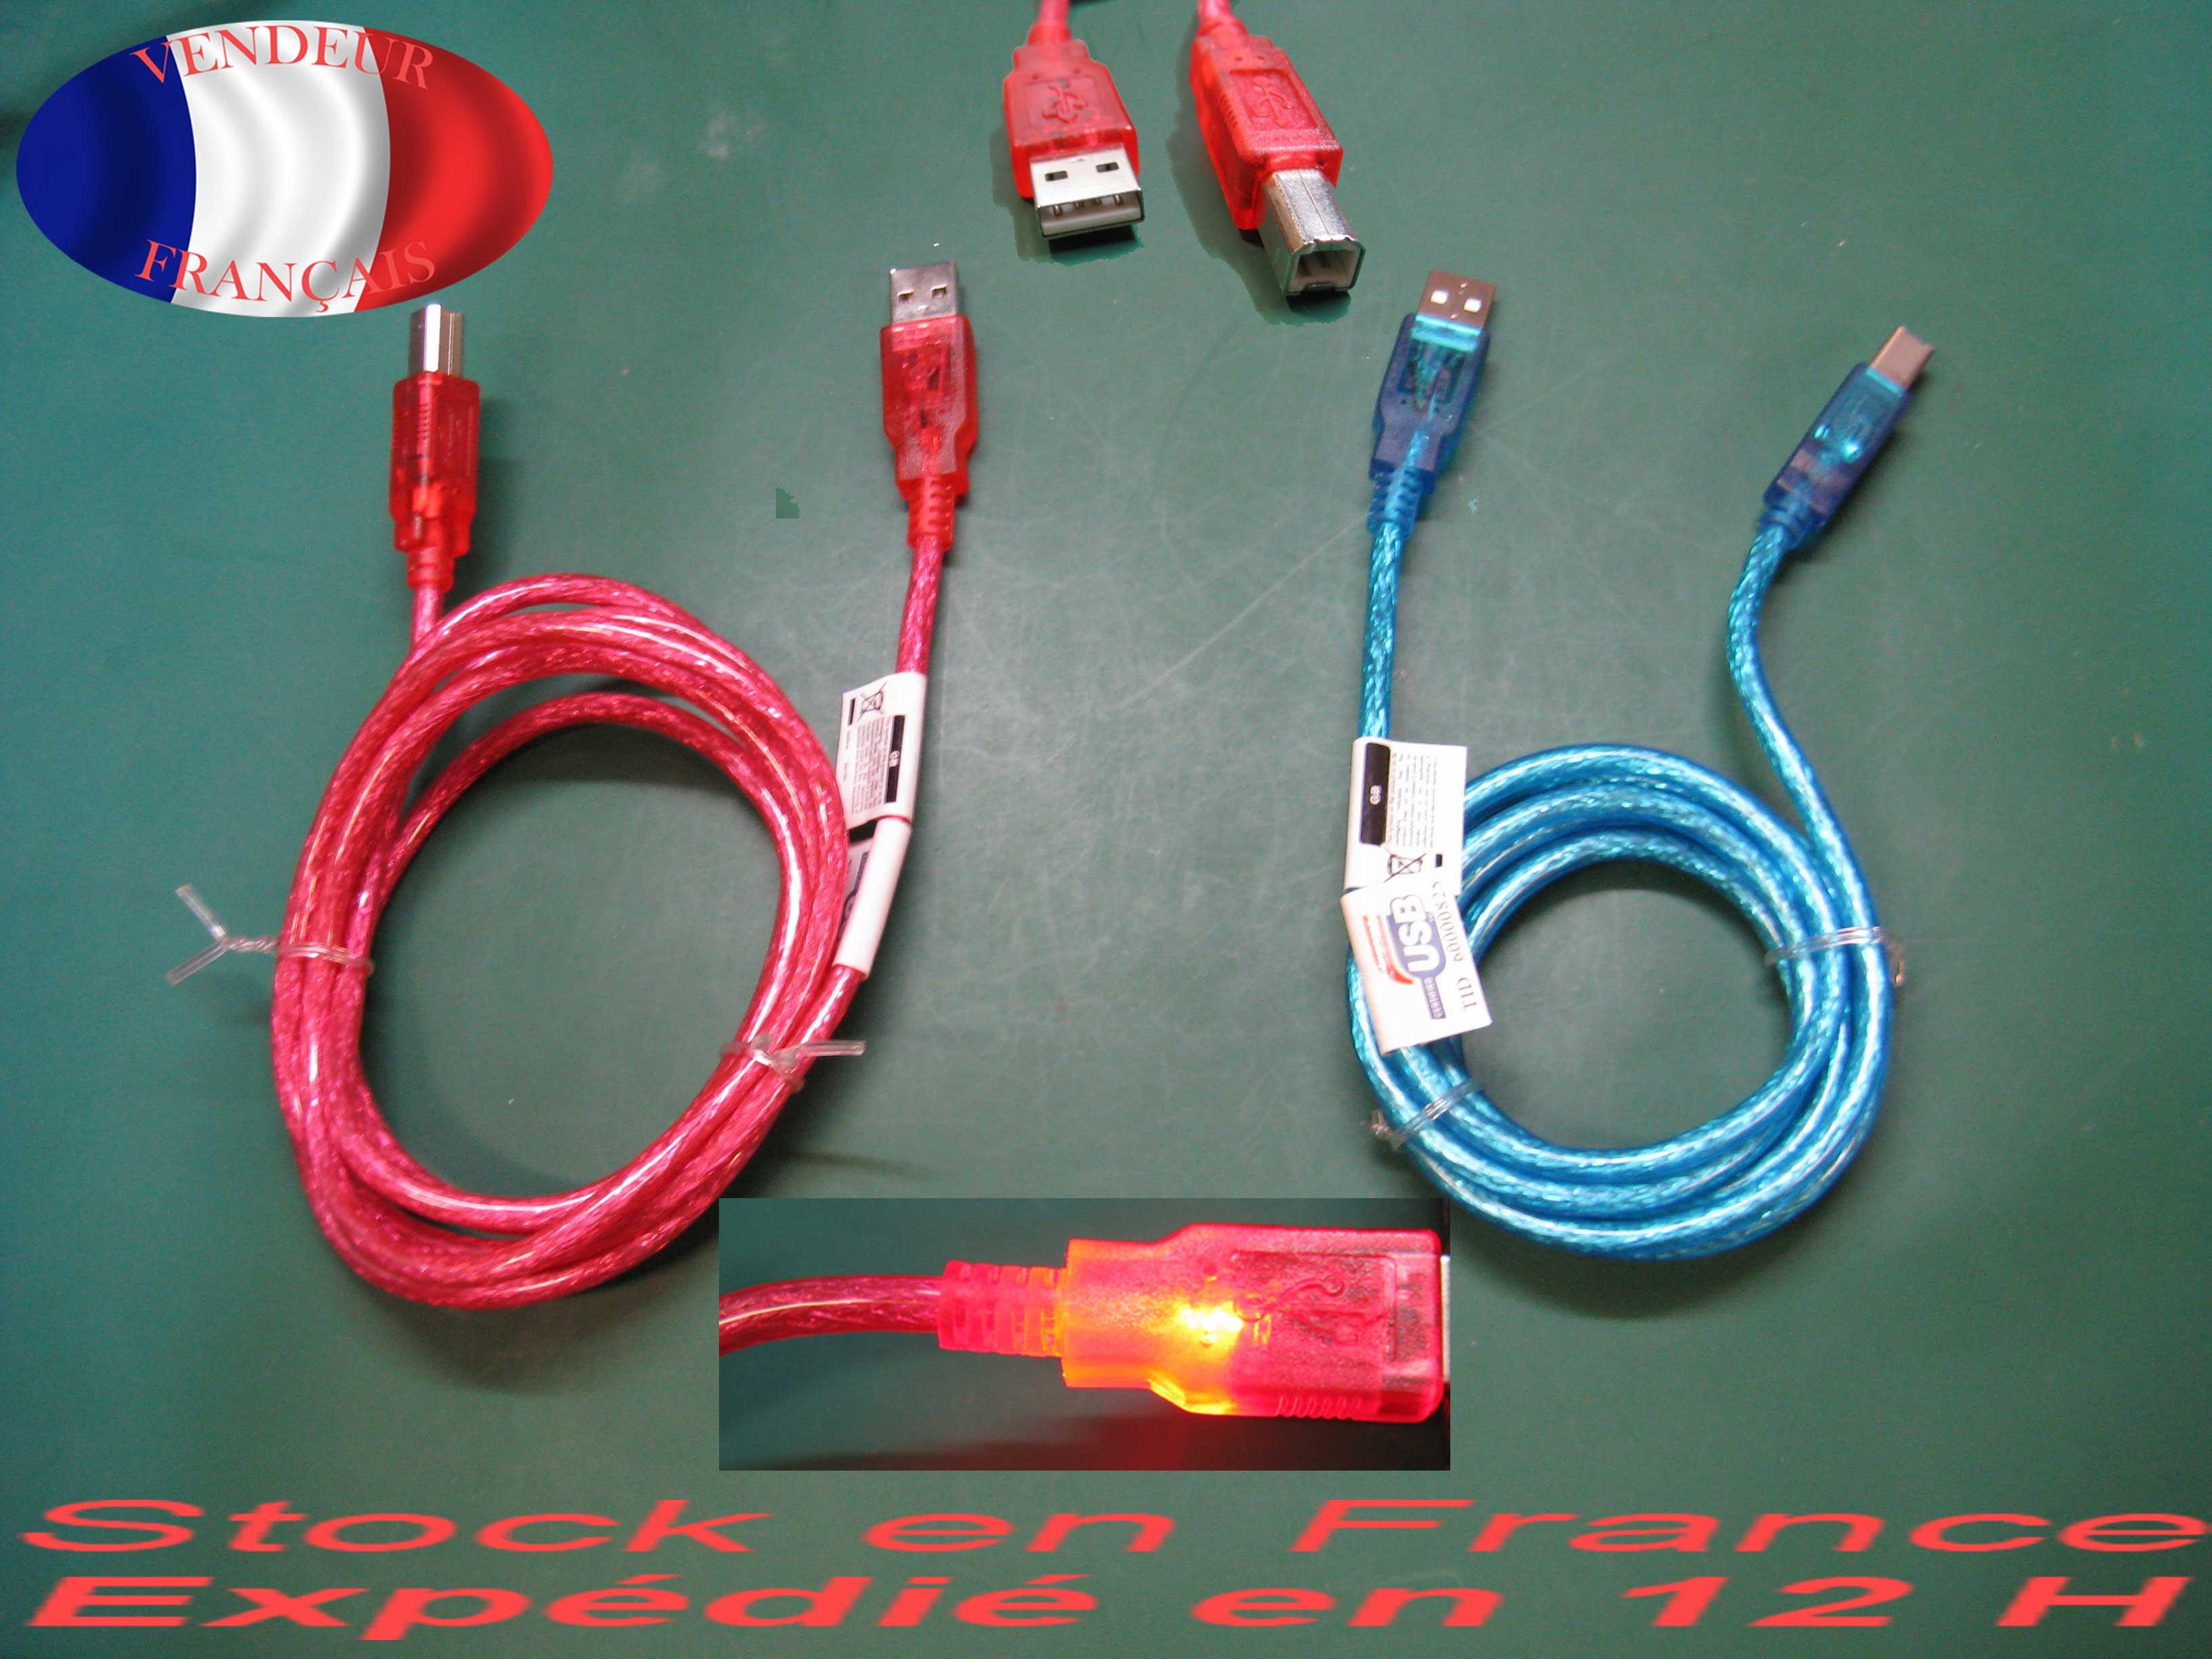 Cable lumineux usb 2.0 Pour imprimante et disque dur externe